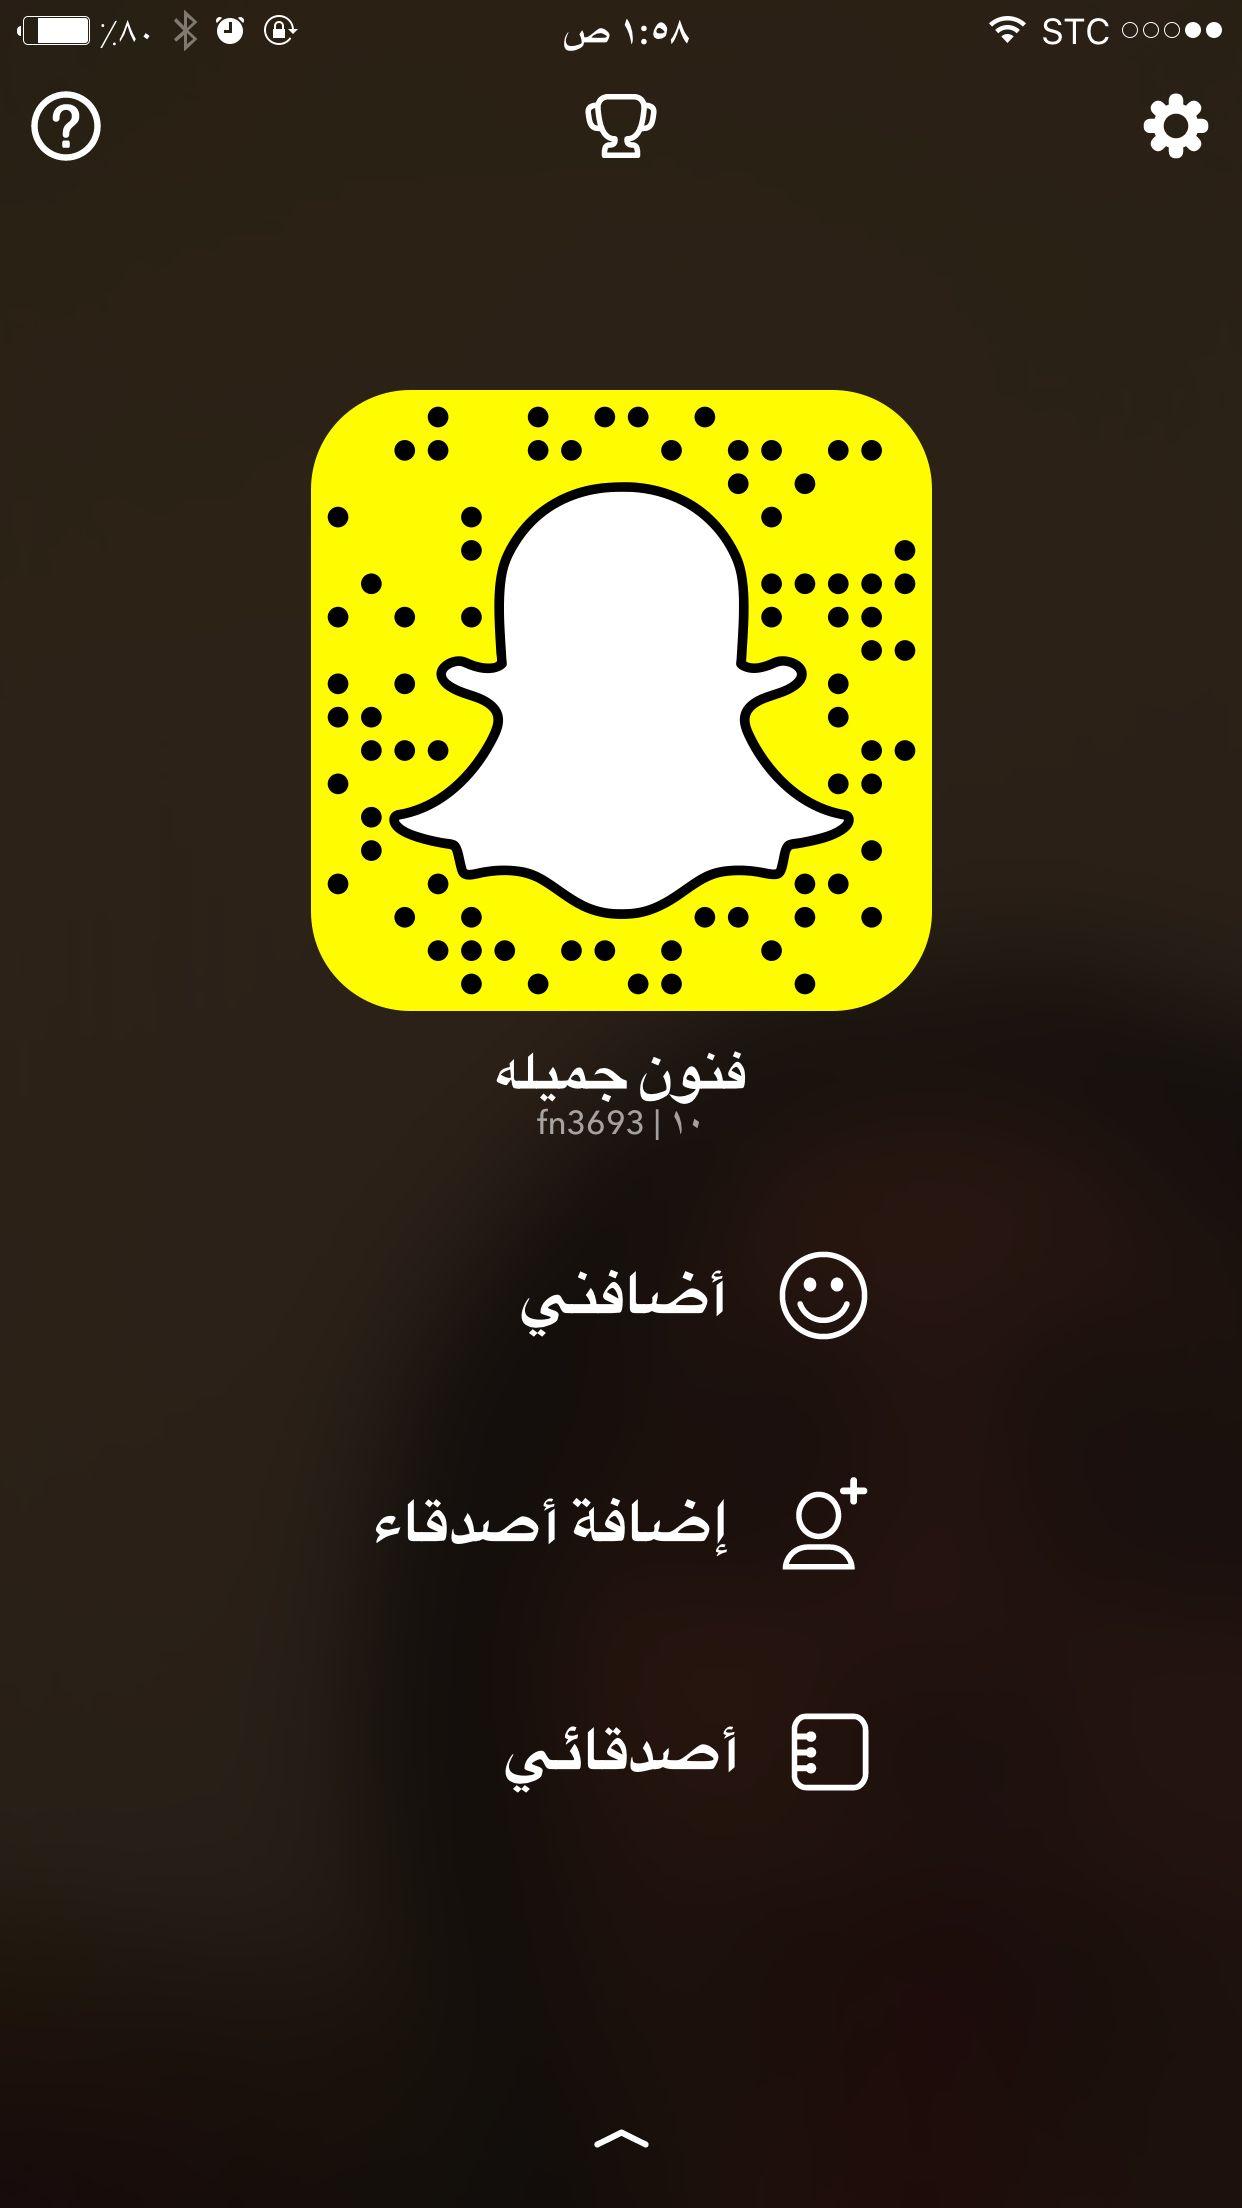 Hand Made اشغال يدويه فن فنون تقديم تقديمات تنسيق ديكور ضيافه رمضان سناب شات Snapchat Screenshot Snapchat